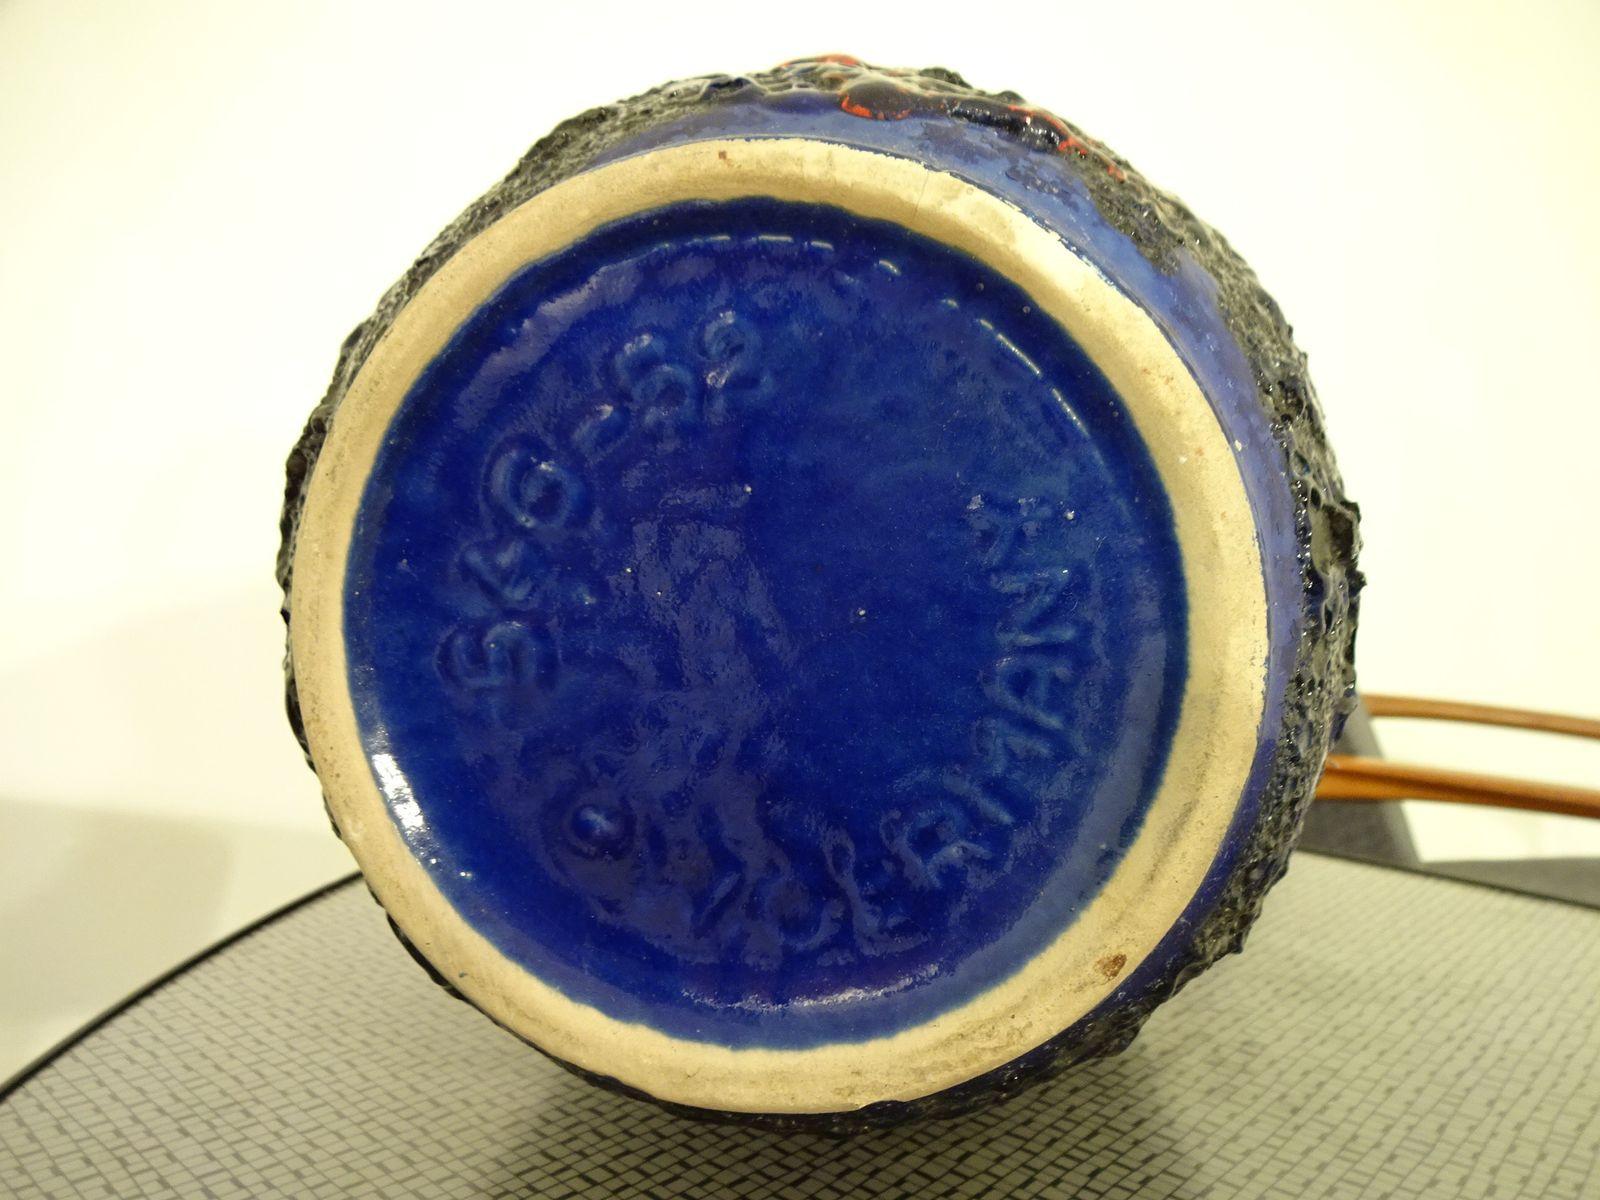 scheurich keramik vase of groaŸe fat lava keramik vase von scheurich 1970er bei pamono kaufen regarding preis 23000 e regula¤rer preis 30000 e